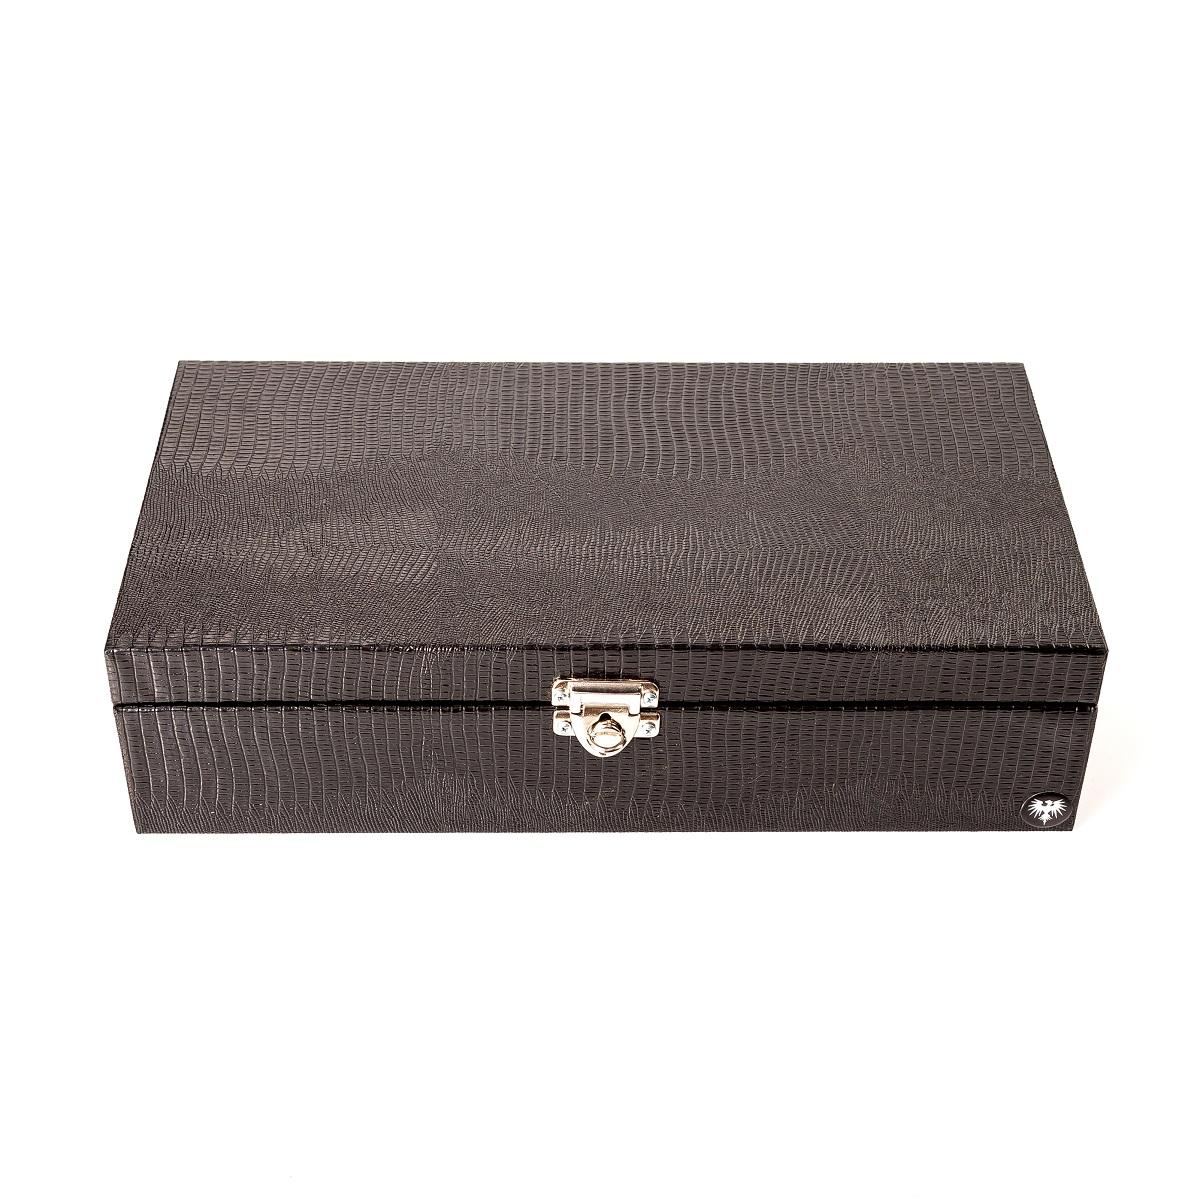 caixa-porta-relogio-12-nichos-couro-ecologico-preto-vermelho-imagem-4.jpg